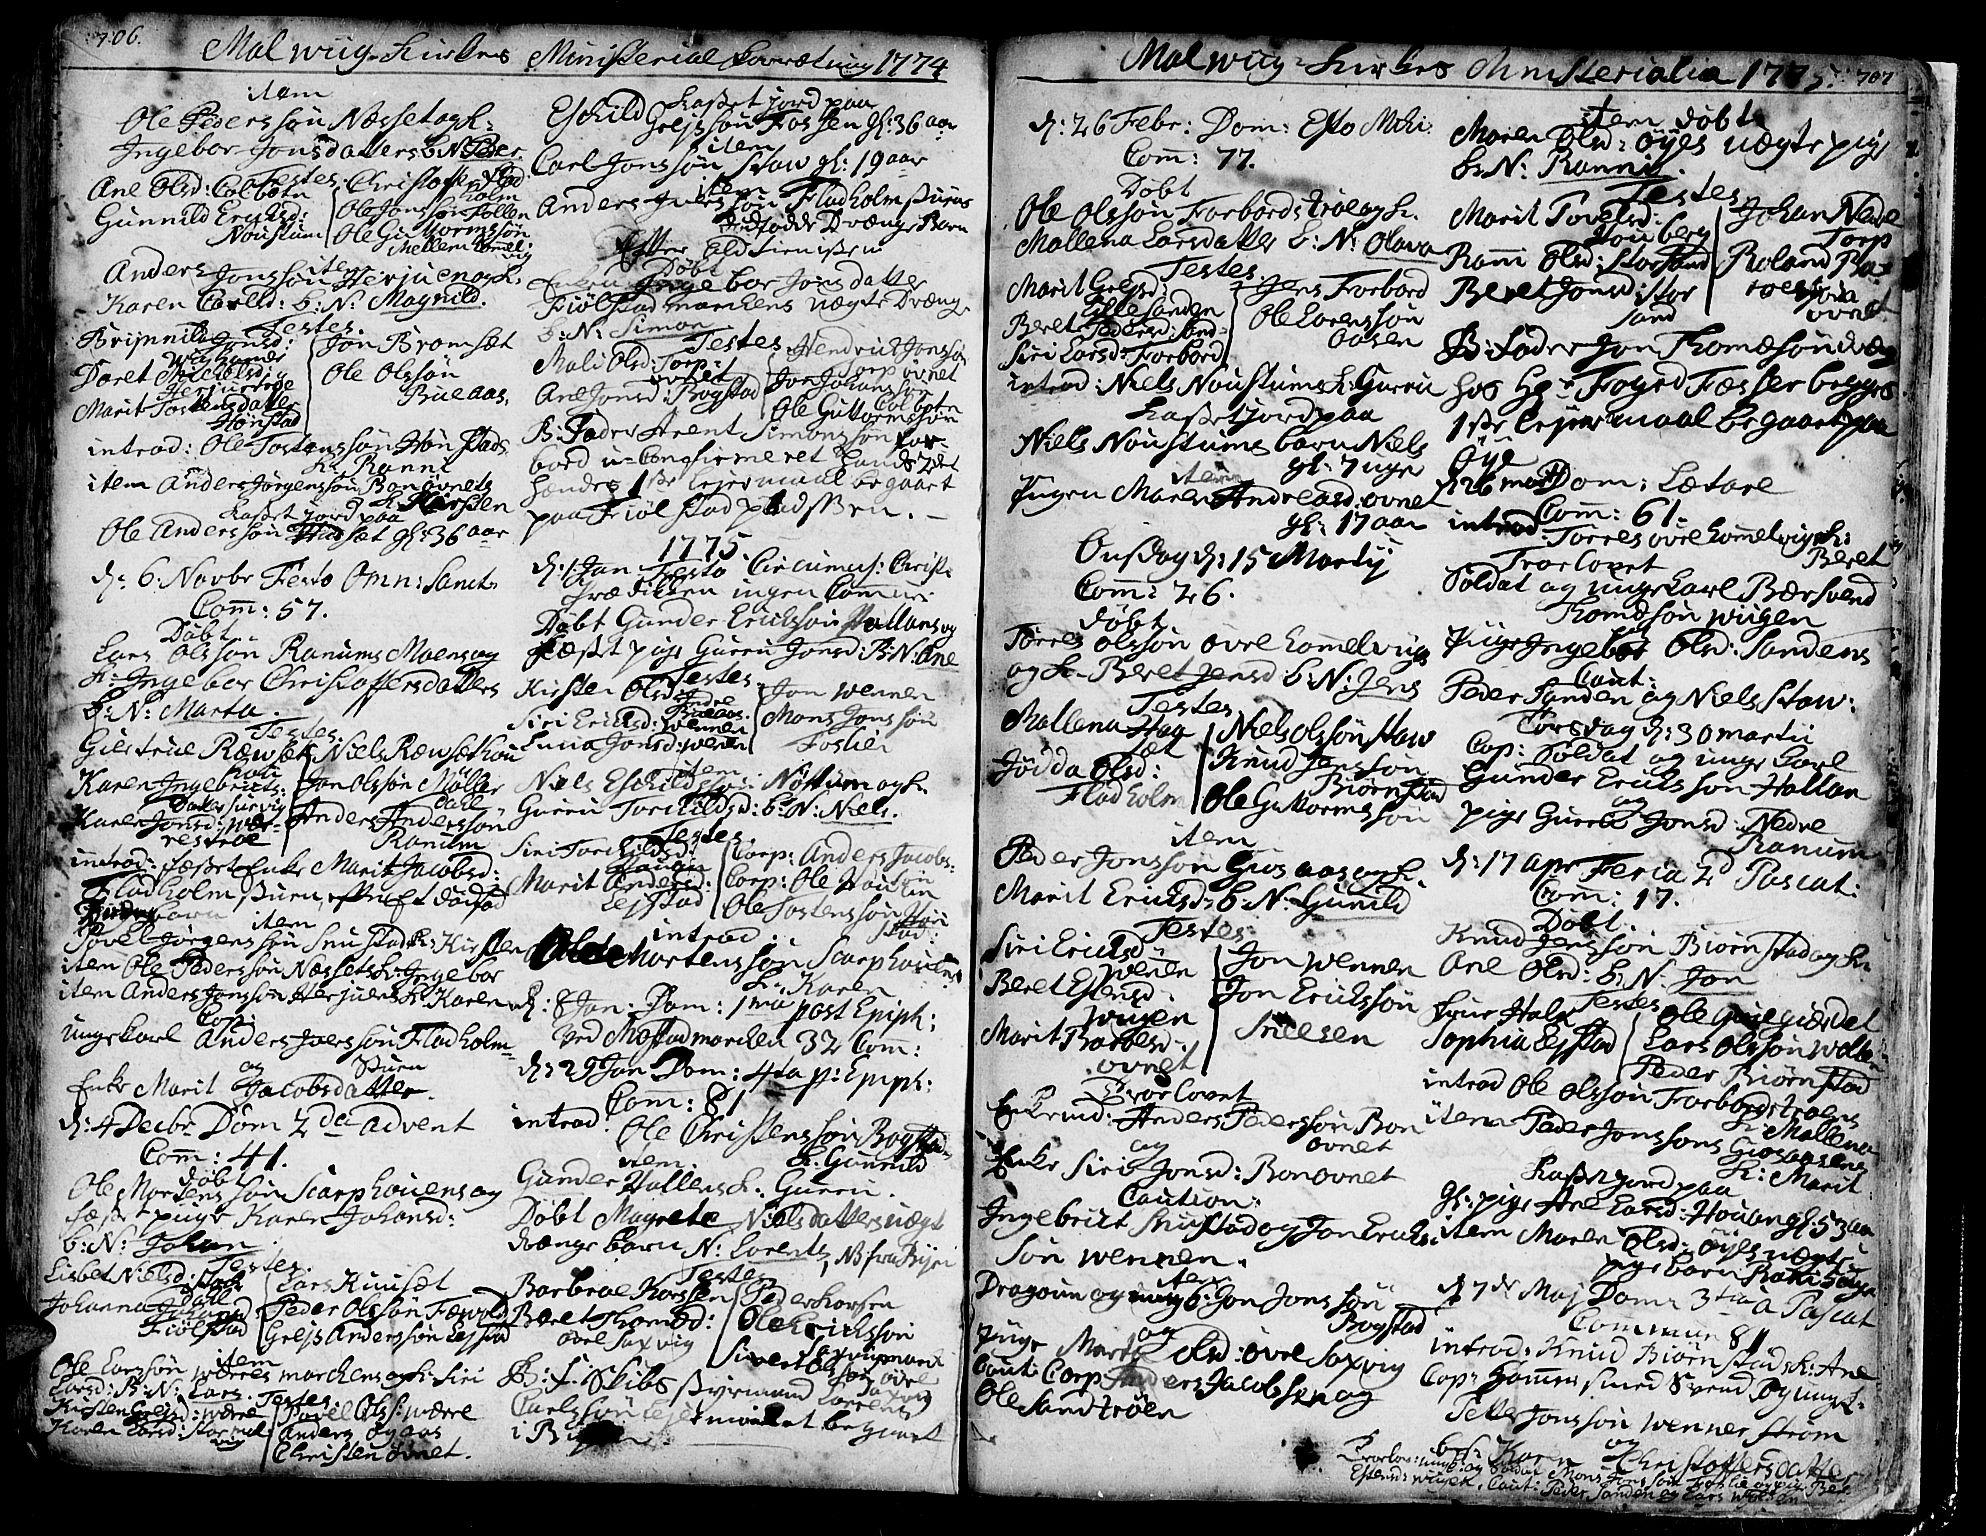 SAT, Ministerialprotokoller, klokkerbøker og fødselsregistre - Sør-Trøndelag, 606/L0277: Ministerialbok nr. 606A01 /3, 1727-1780, s. 706-707